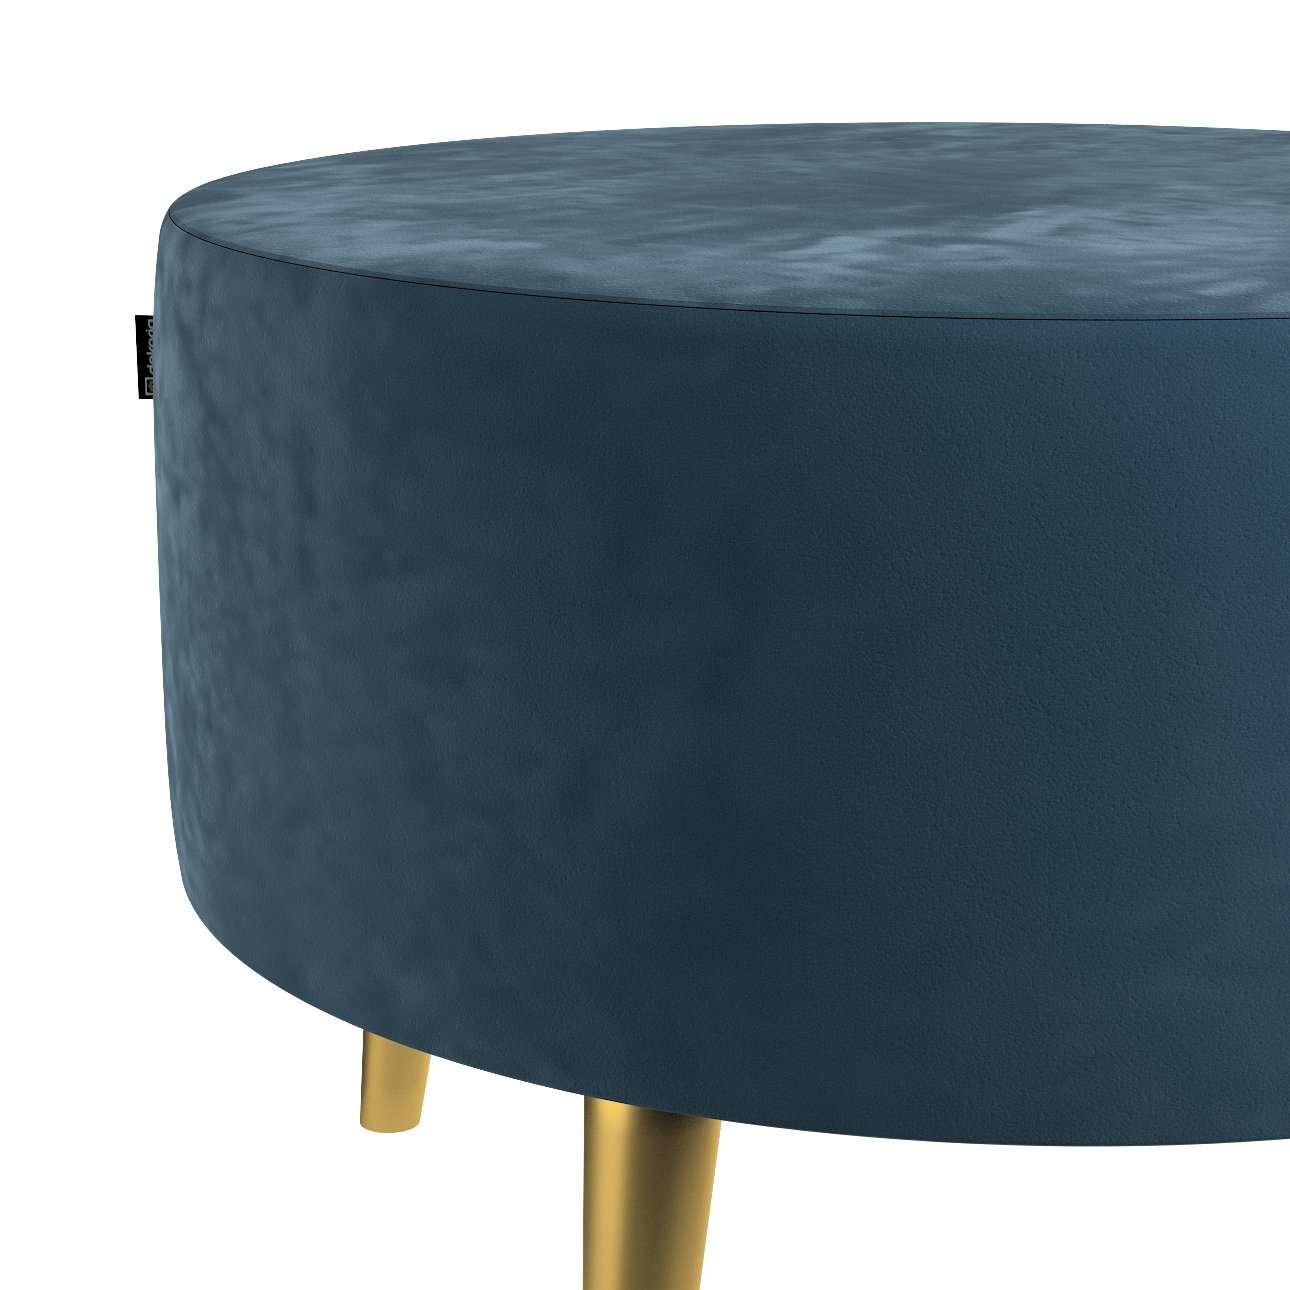 Podnóżek okrągły Velvet w kolekcji Velvet, tkanina: 704-16